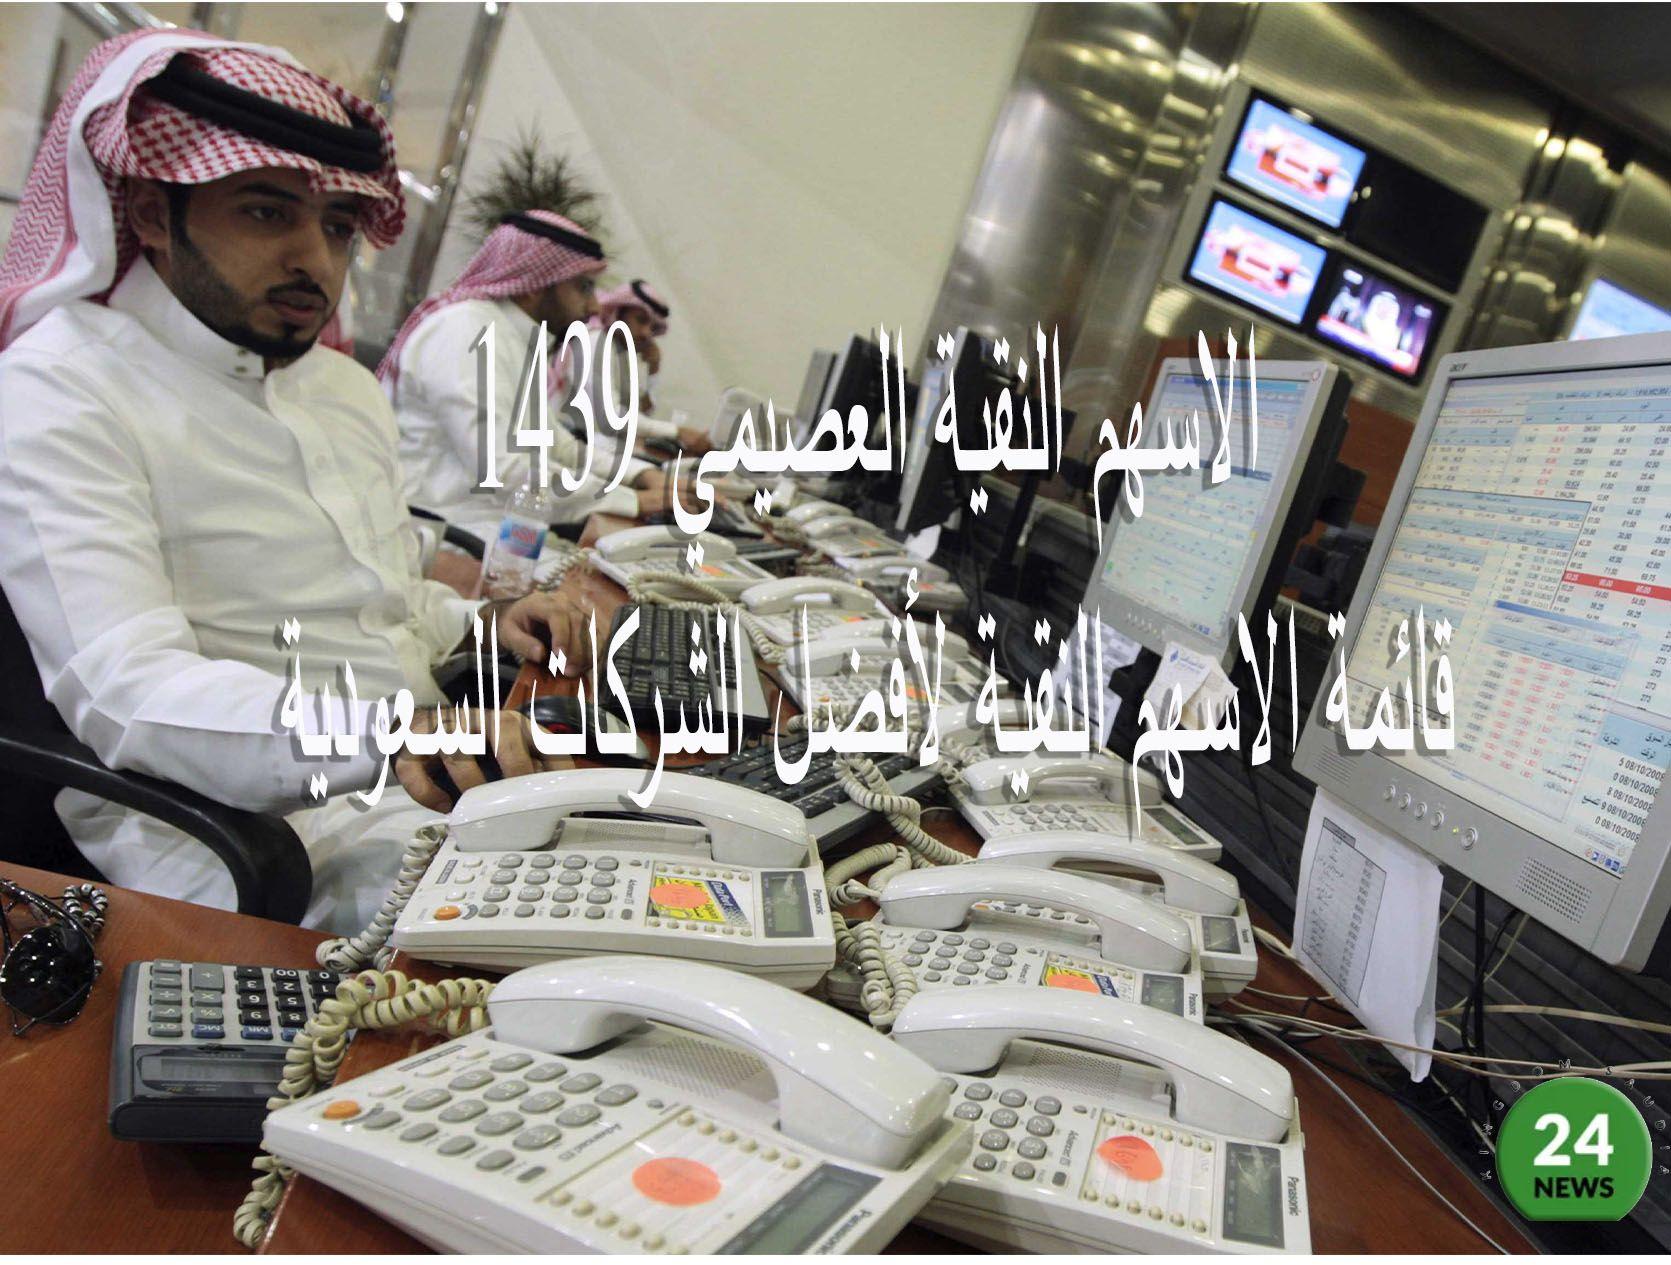 الاسهم النقية العصيمي 1439 قائمة الاسهم النقية لأفضل الشركات السعودية Bates Trading